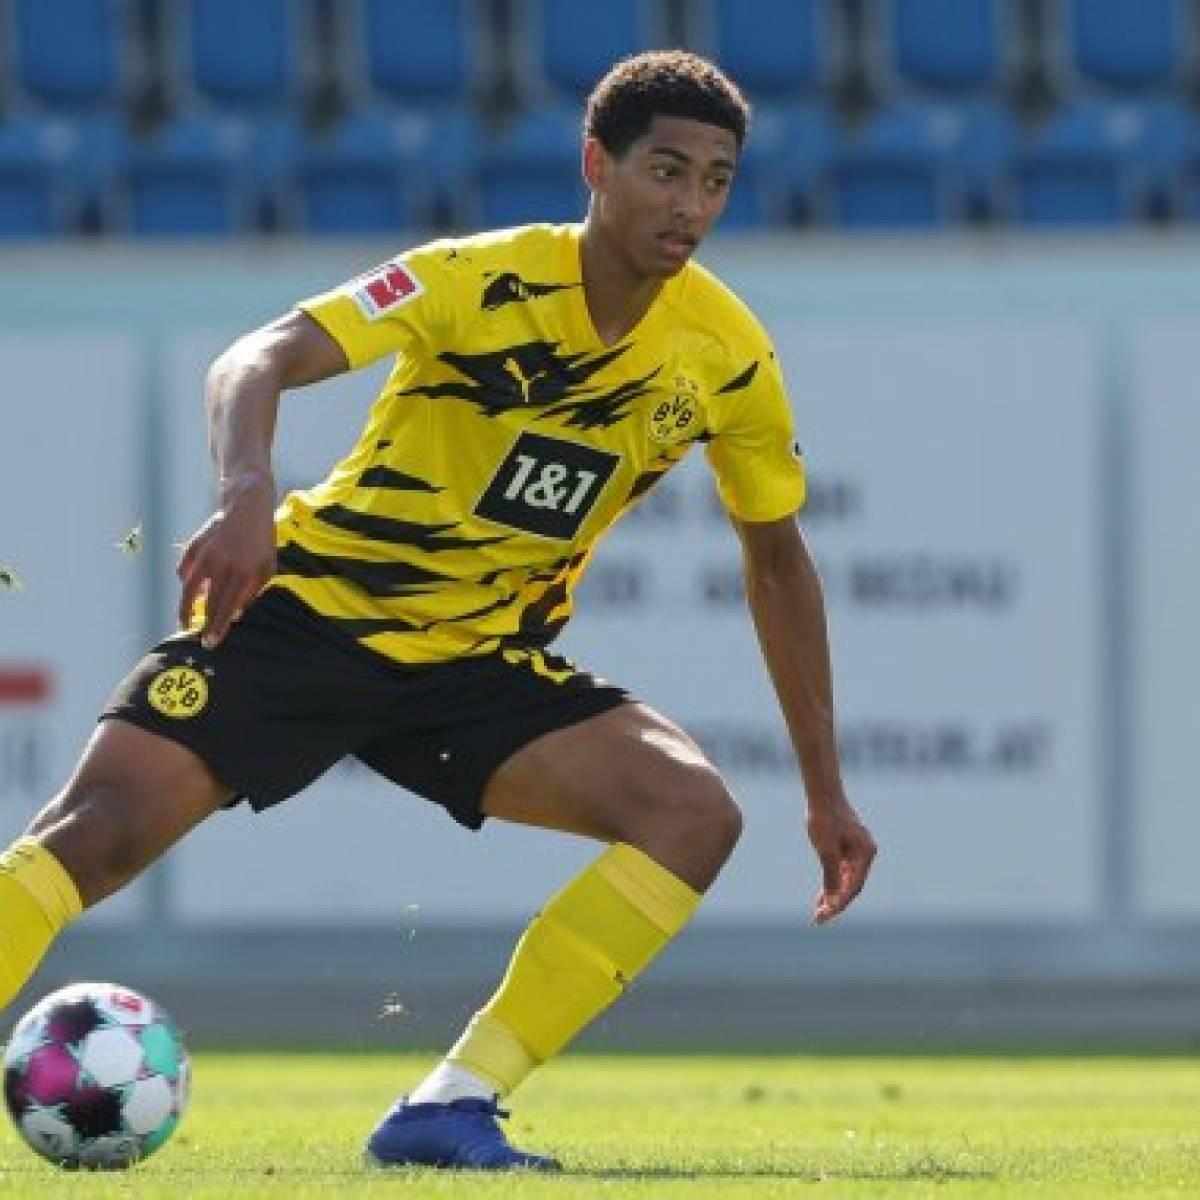 Borussia Dortmund : Jude Bellingham, le phénomène que la Bundesliga  s'apprête à découvrir